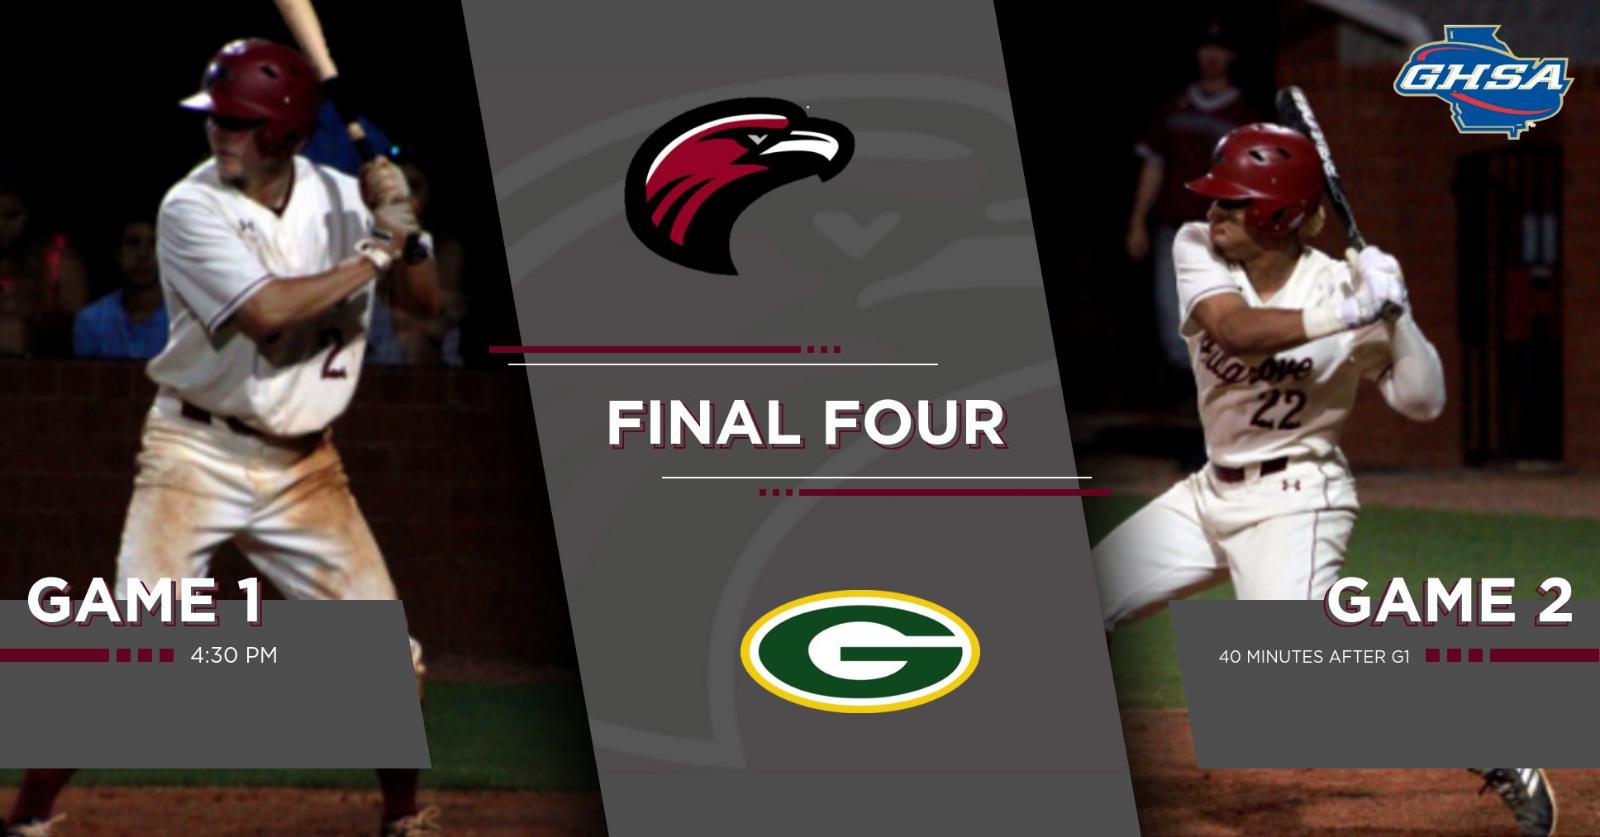 Baseball Playoffs Semi-Finals vs Grayson on 5/14/19